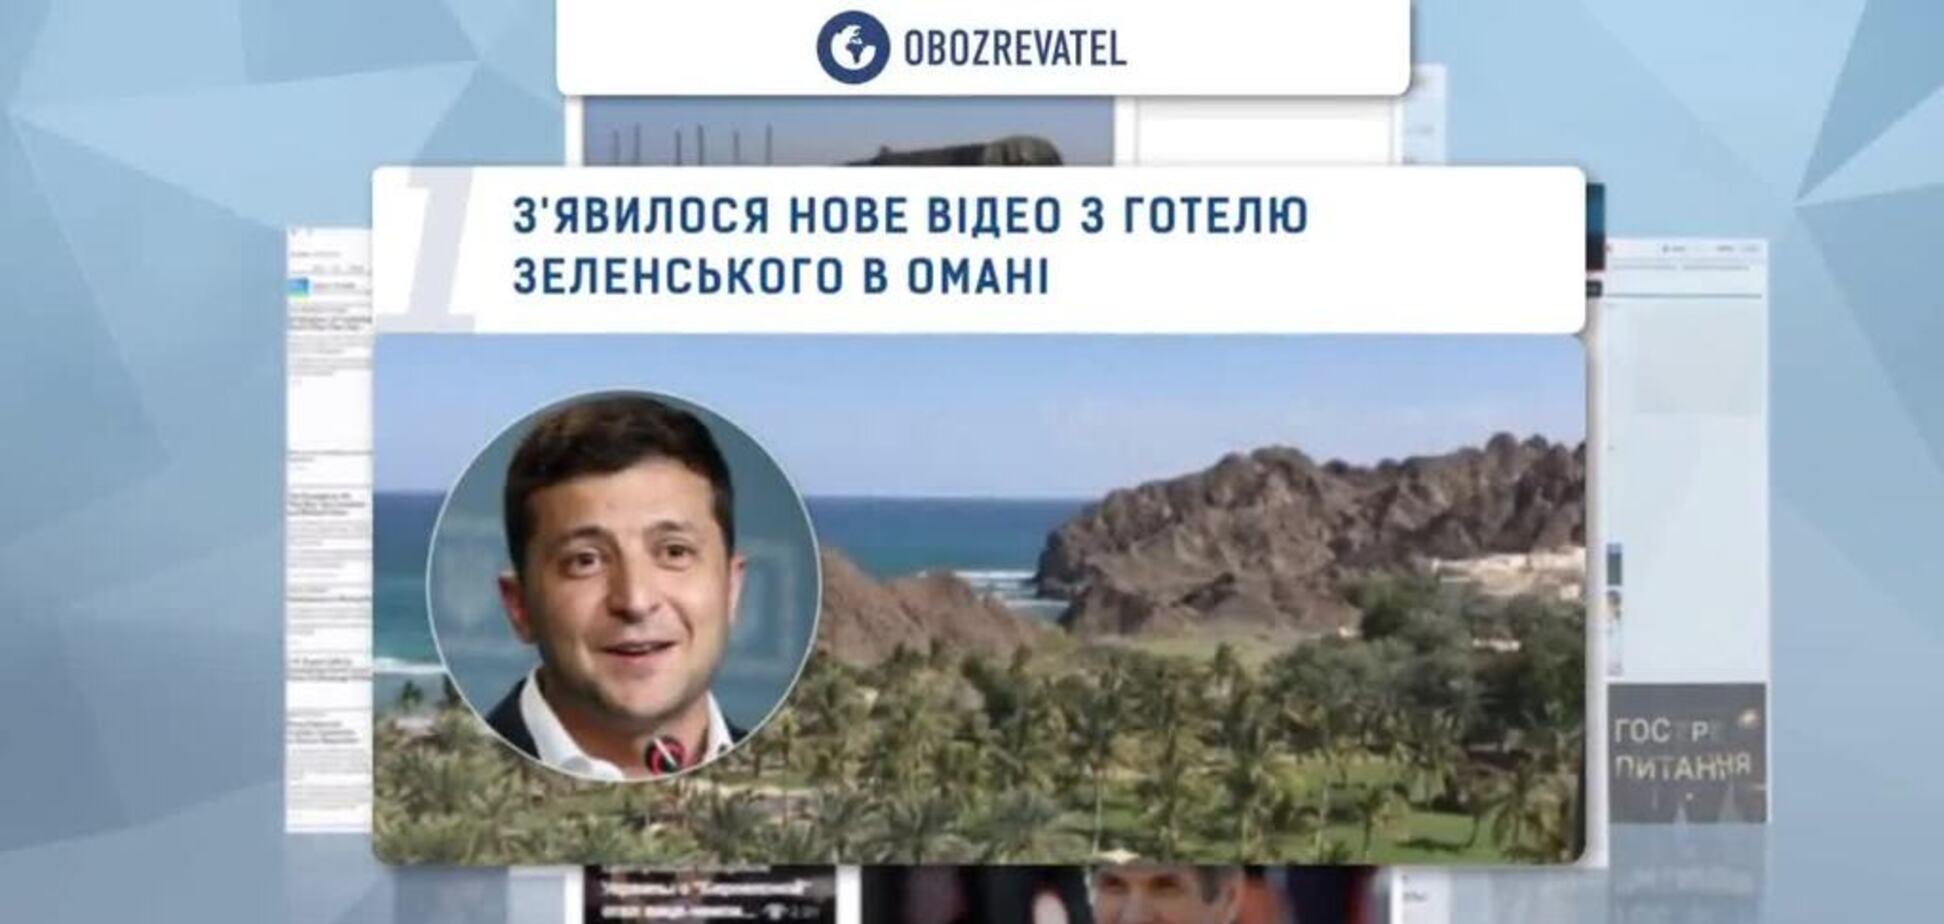 TOP 5 NEWS 21.01.2020